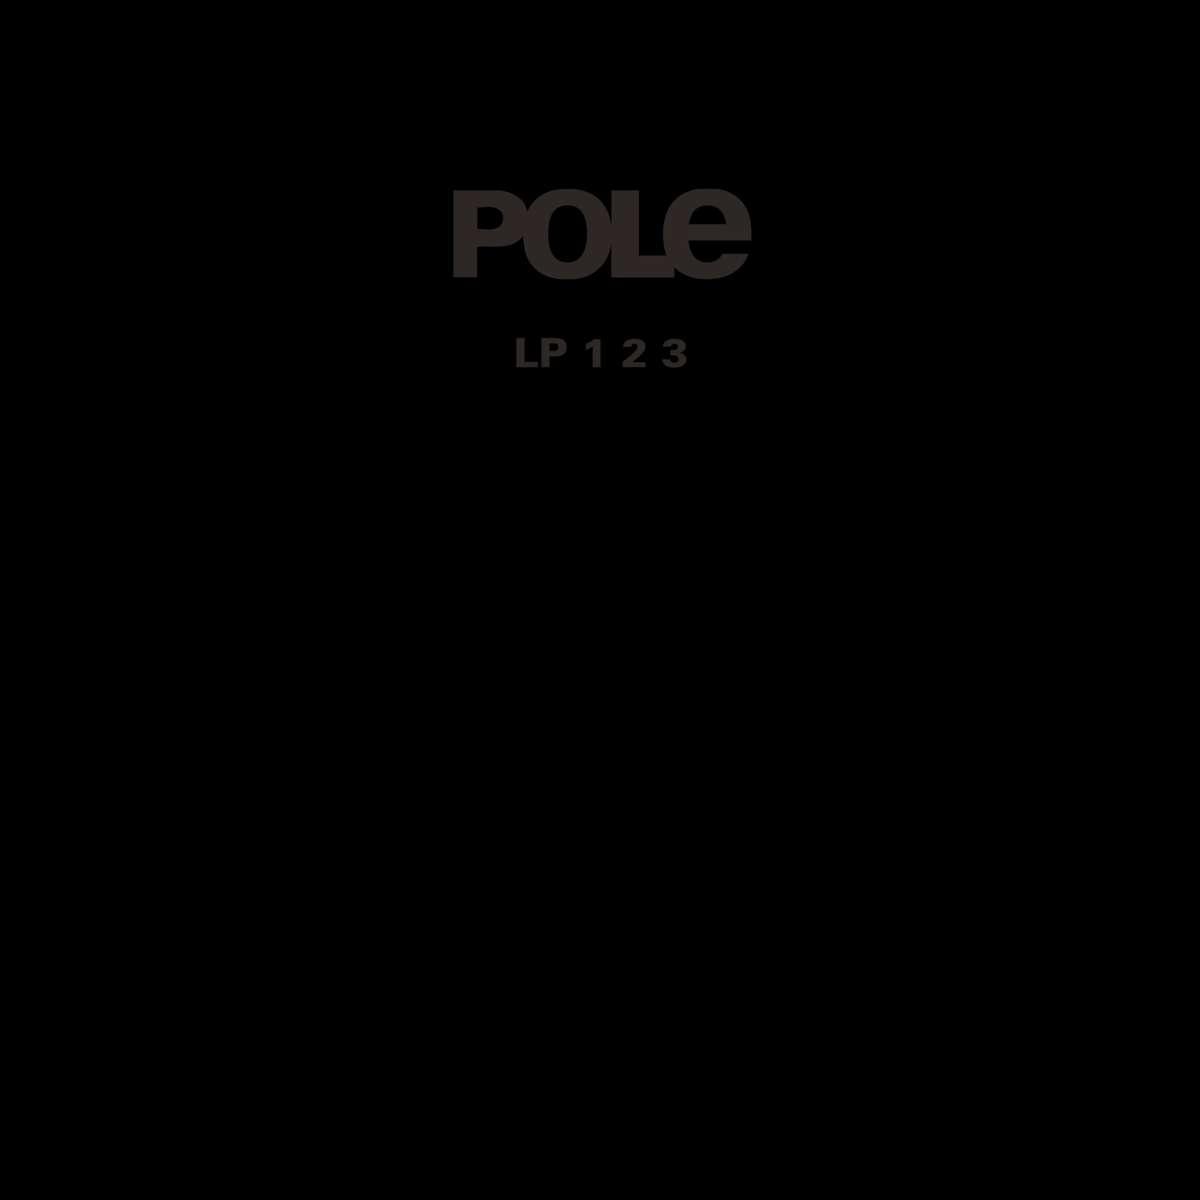 pole-pole123